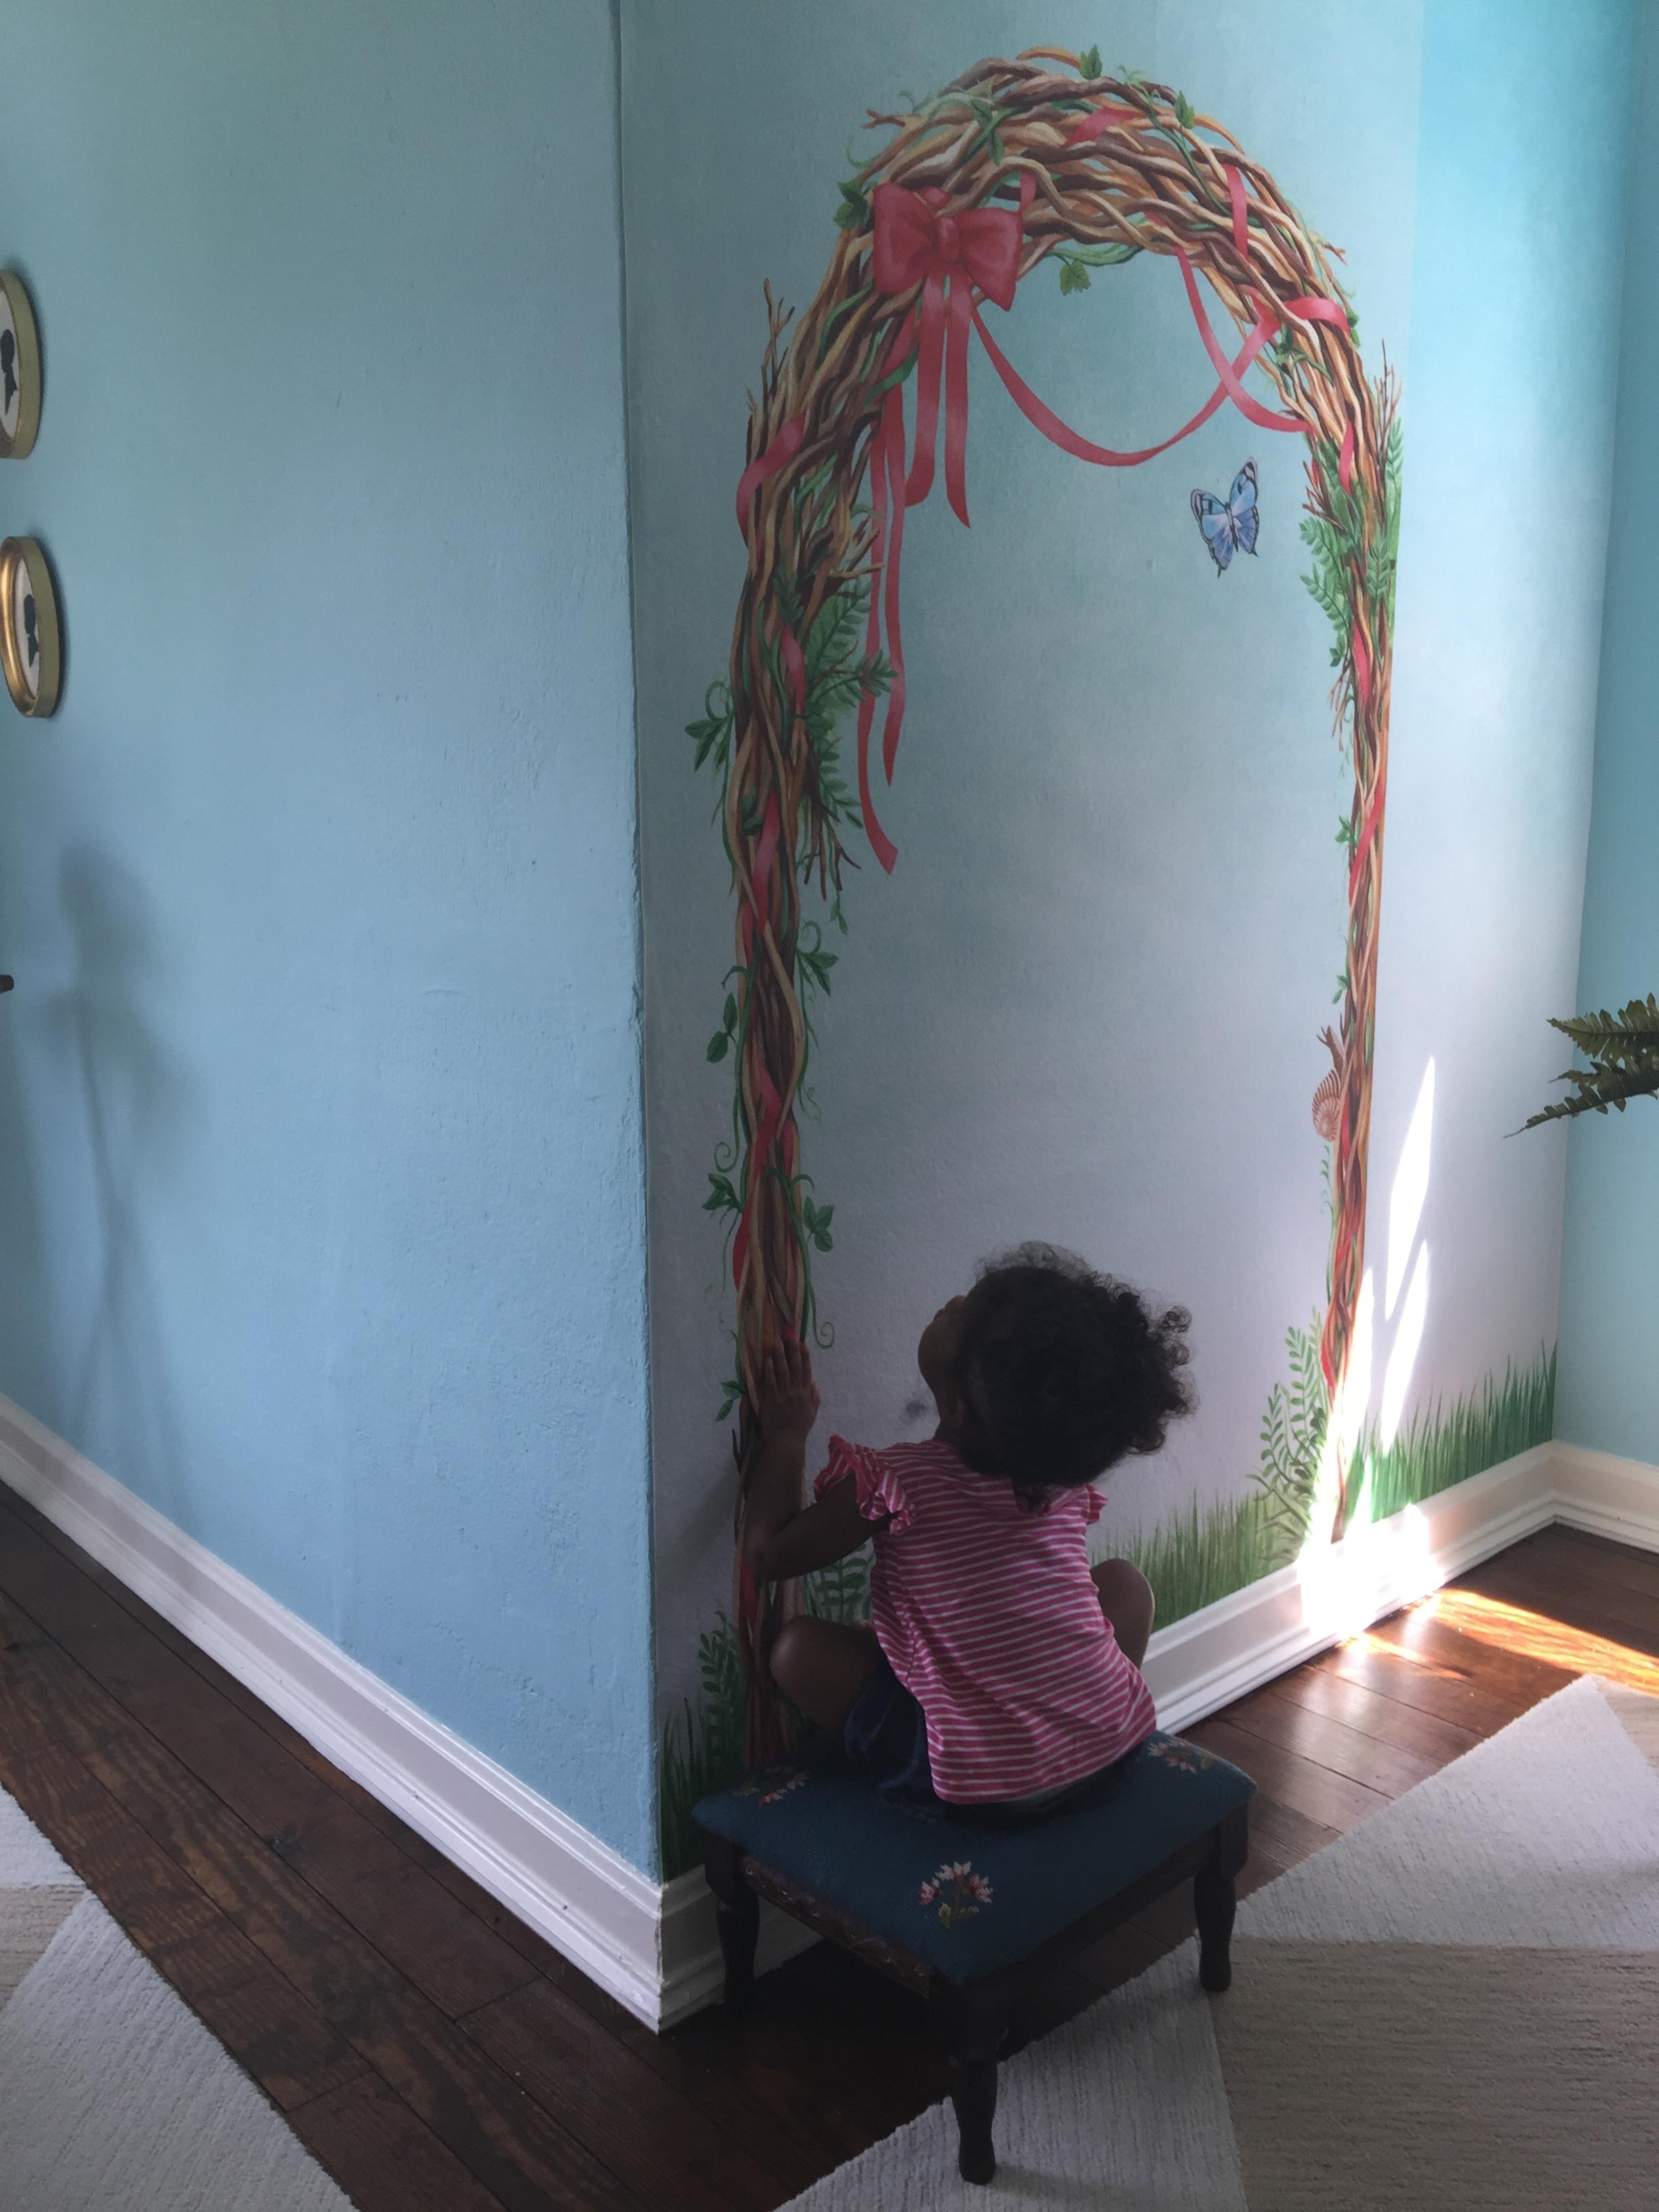 Ava - checking out mural.JPG